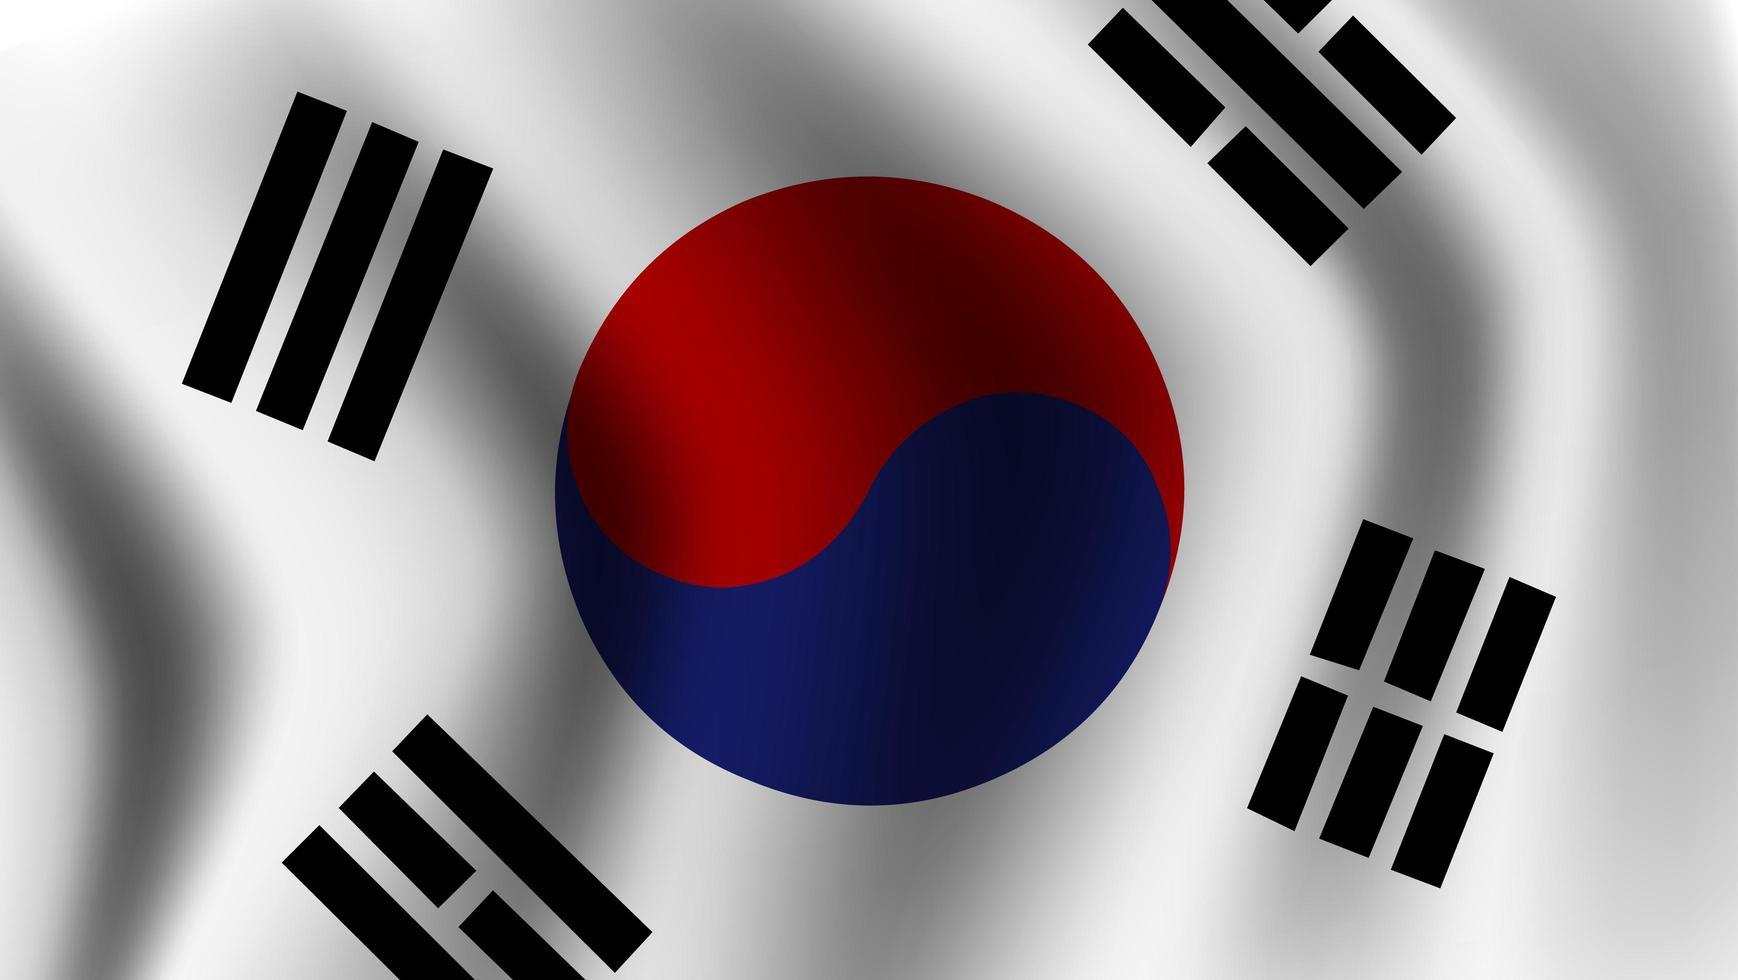 bandera de corea del sur ondeando realista vector